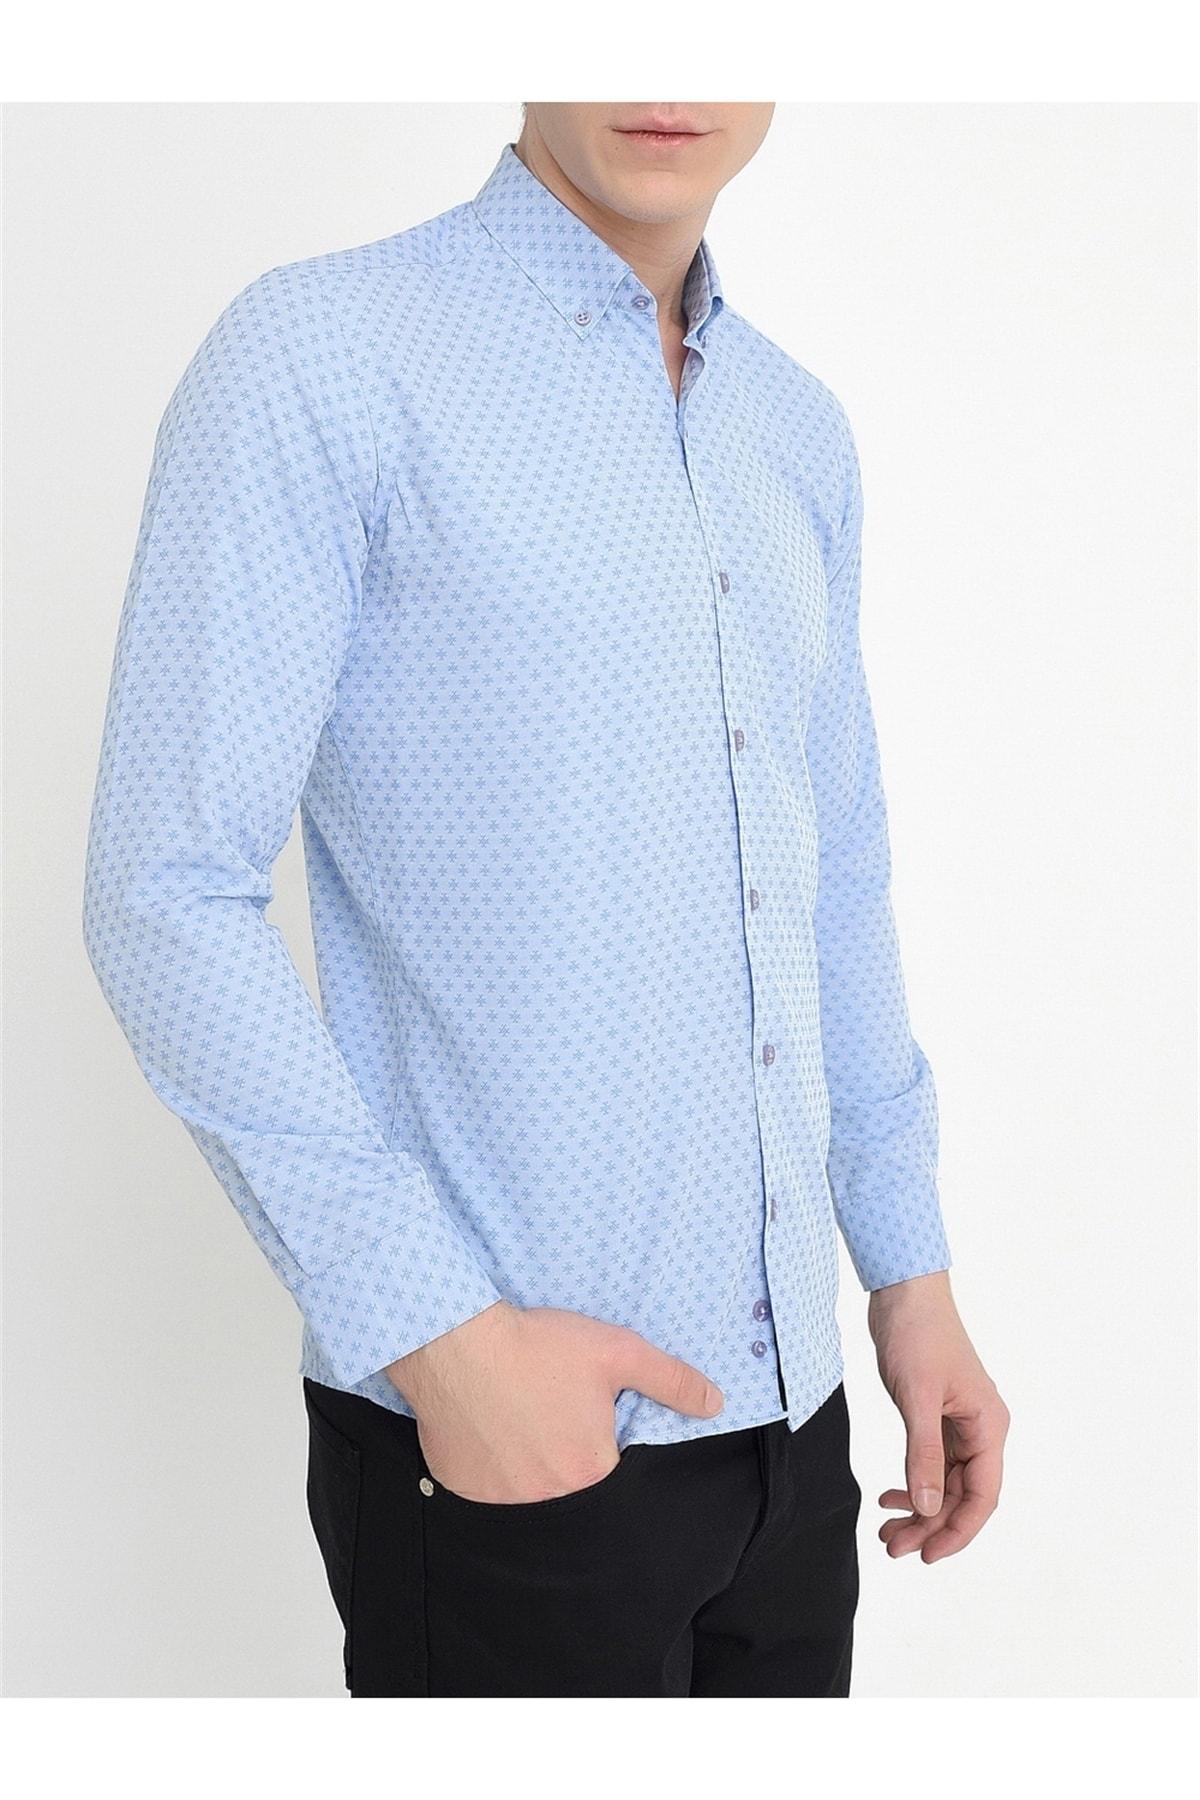 Efor Gk 559 Slim Fit Mavi Klasik Gömlek 2